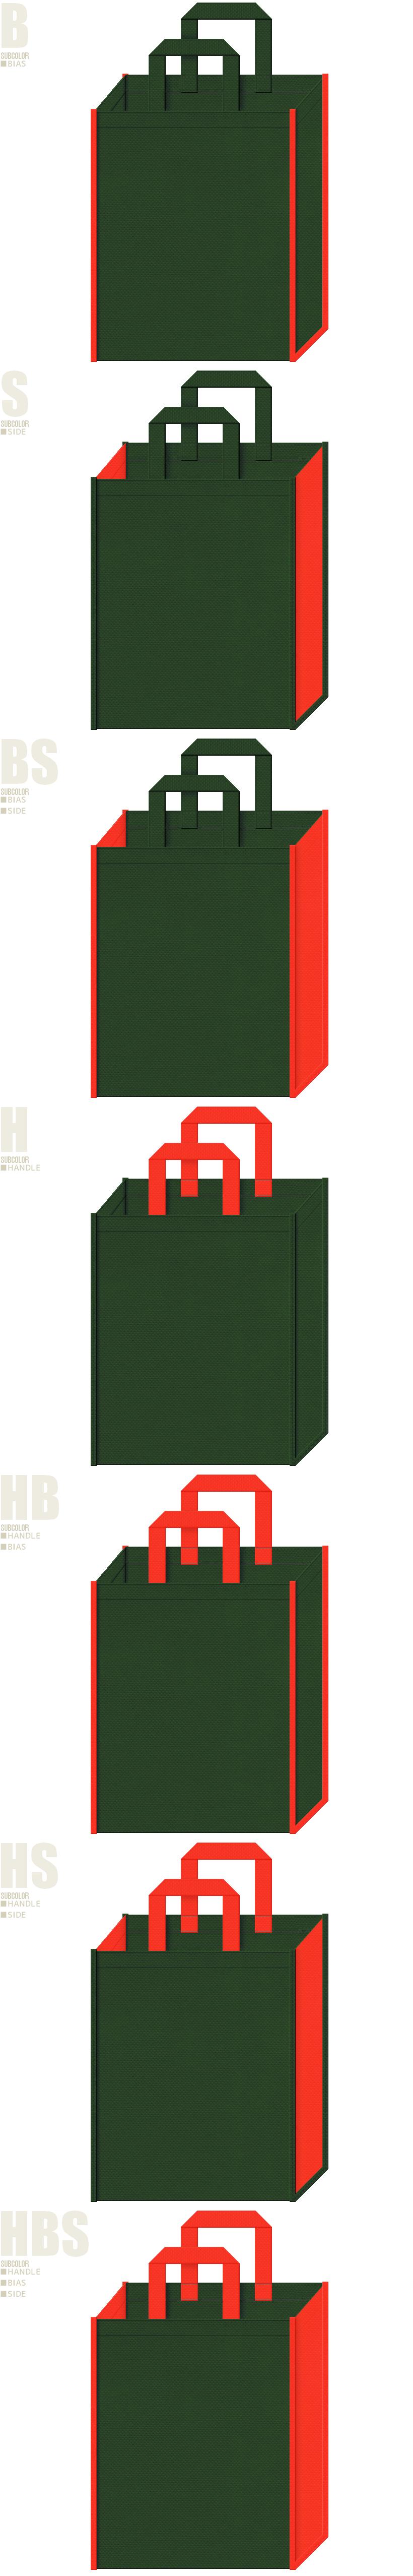 濃緑色とオレンジ色、7パターンの不織布トートバッグ配色デザイン例。ハロウィン、カボチャイメージの不織布バッグにお奨めの配色です。